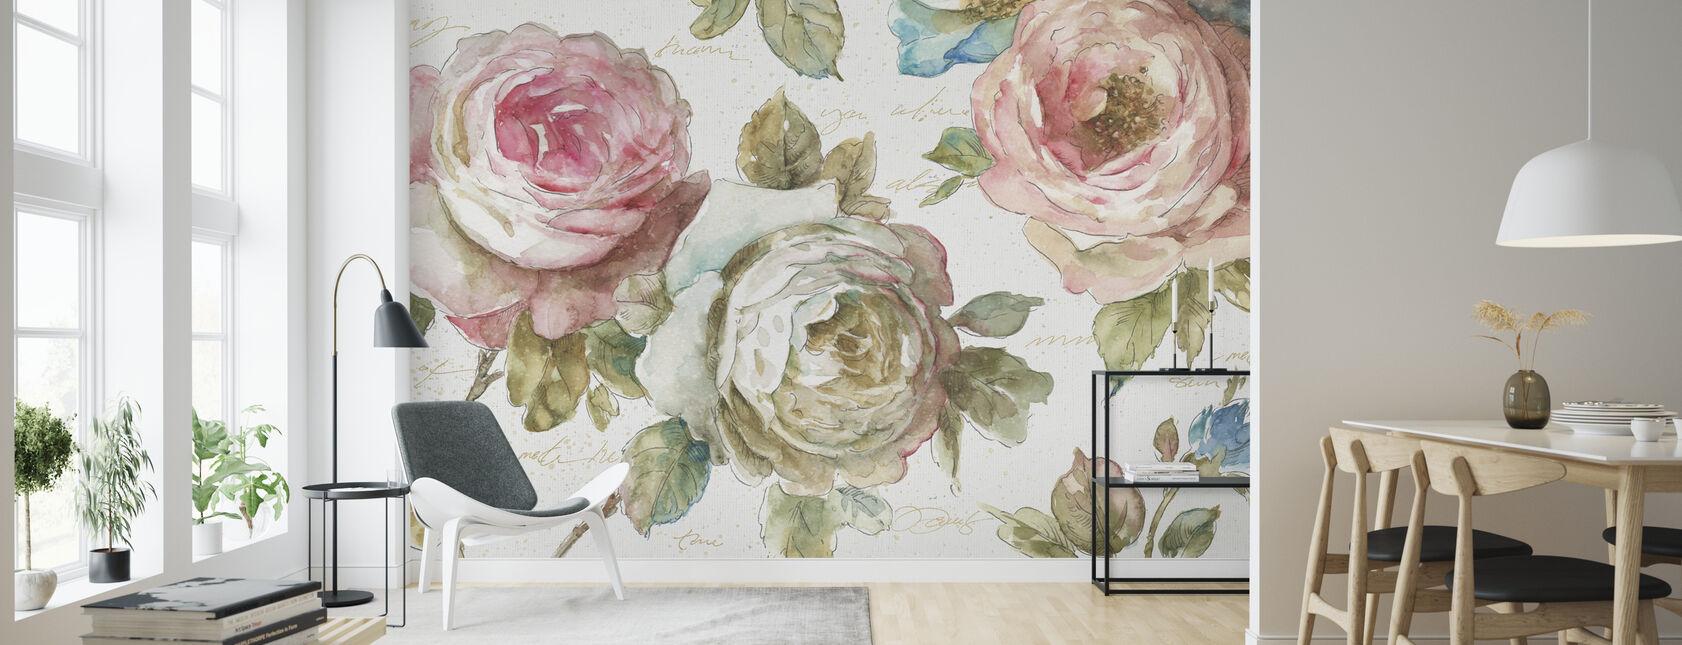 Poeme DAmour - Wallpaper - Living Room